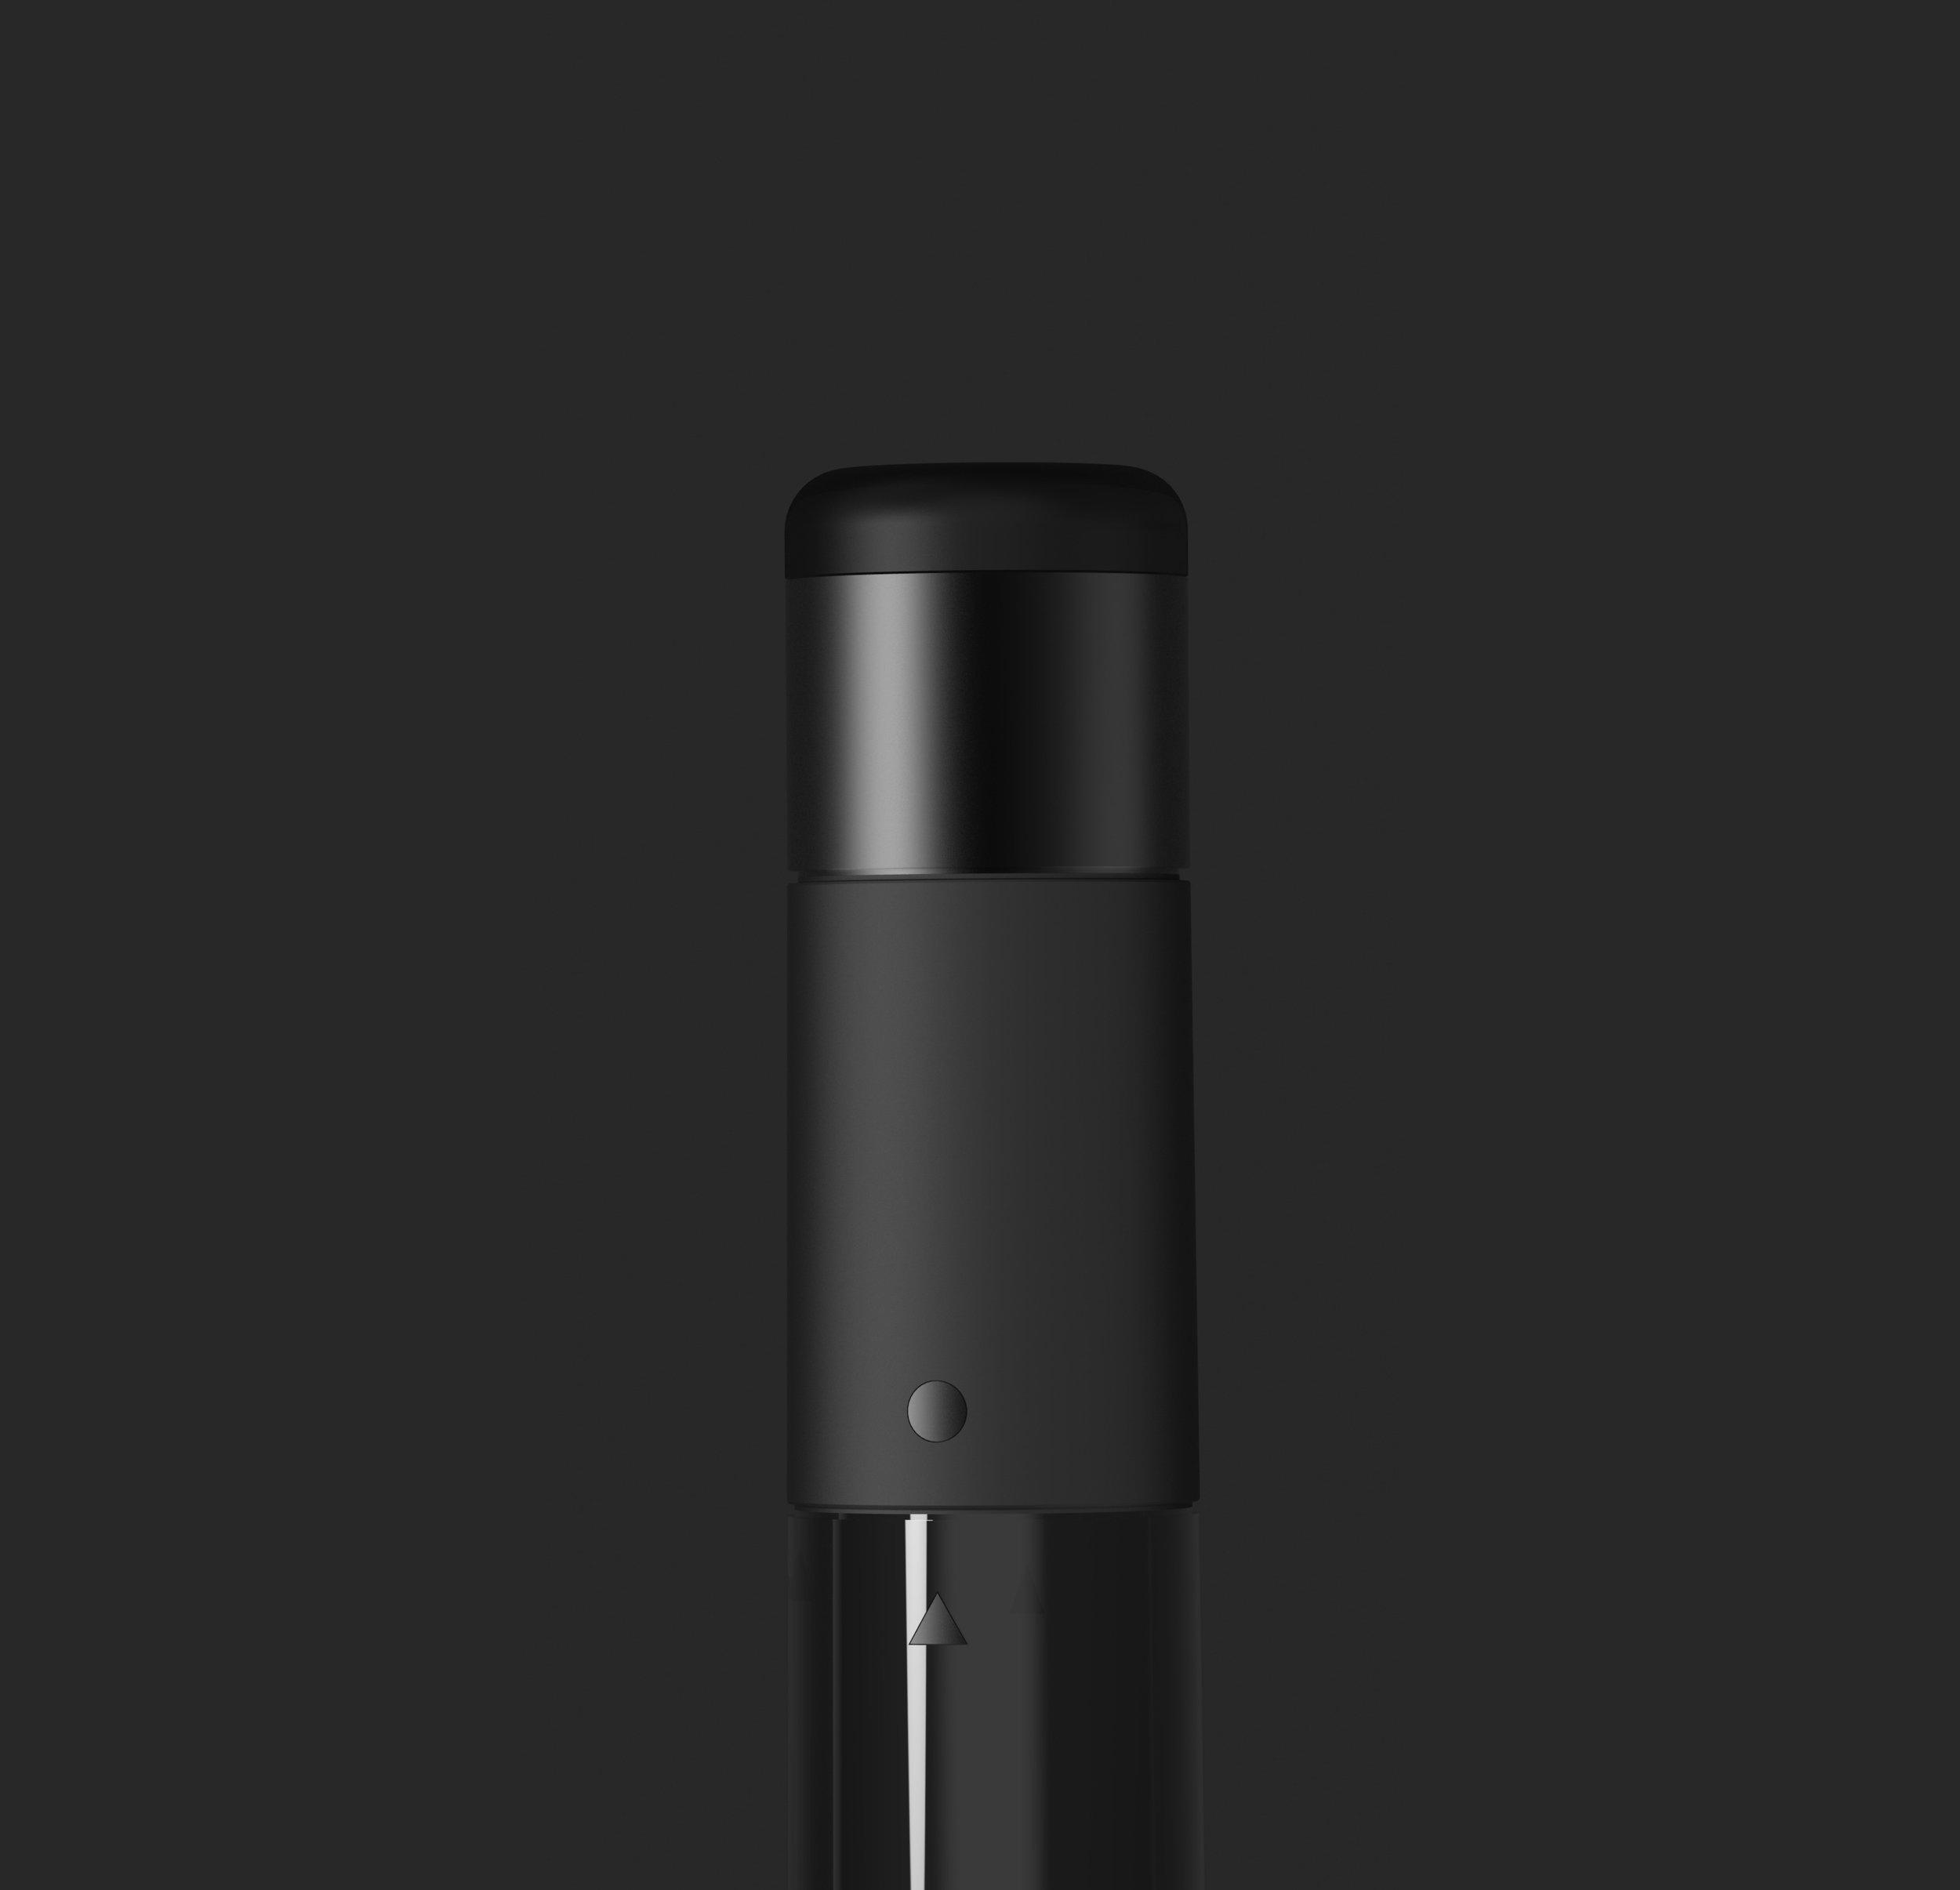 pen-closeup-2.jpg